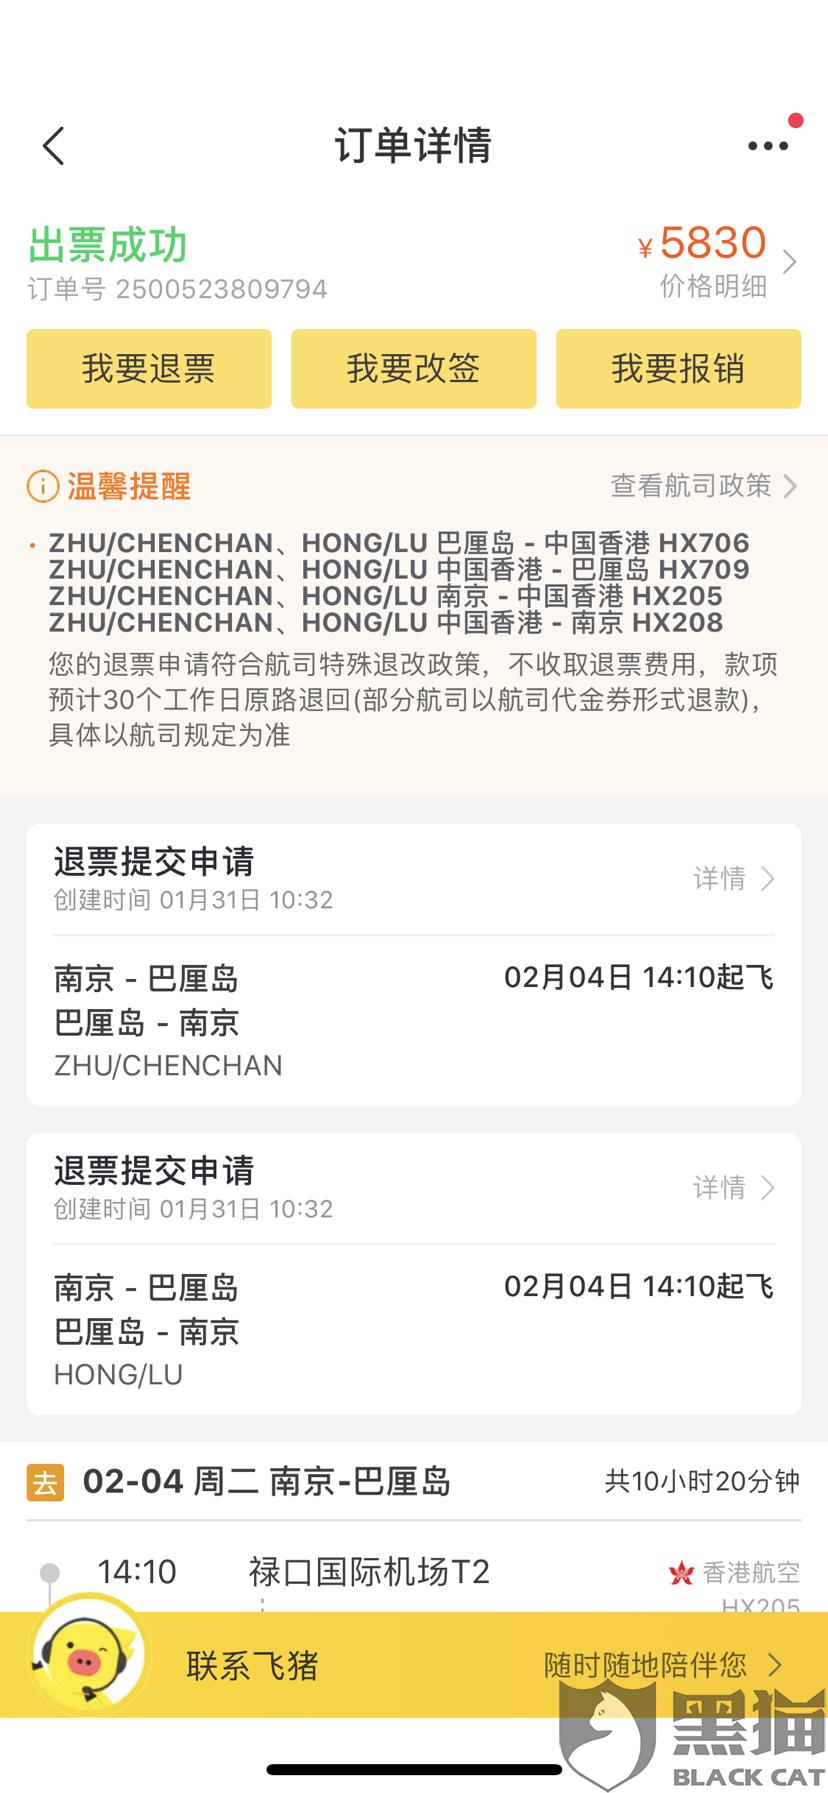 黑猫投诉:香港航空拖延退款